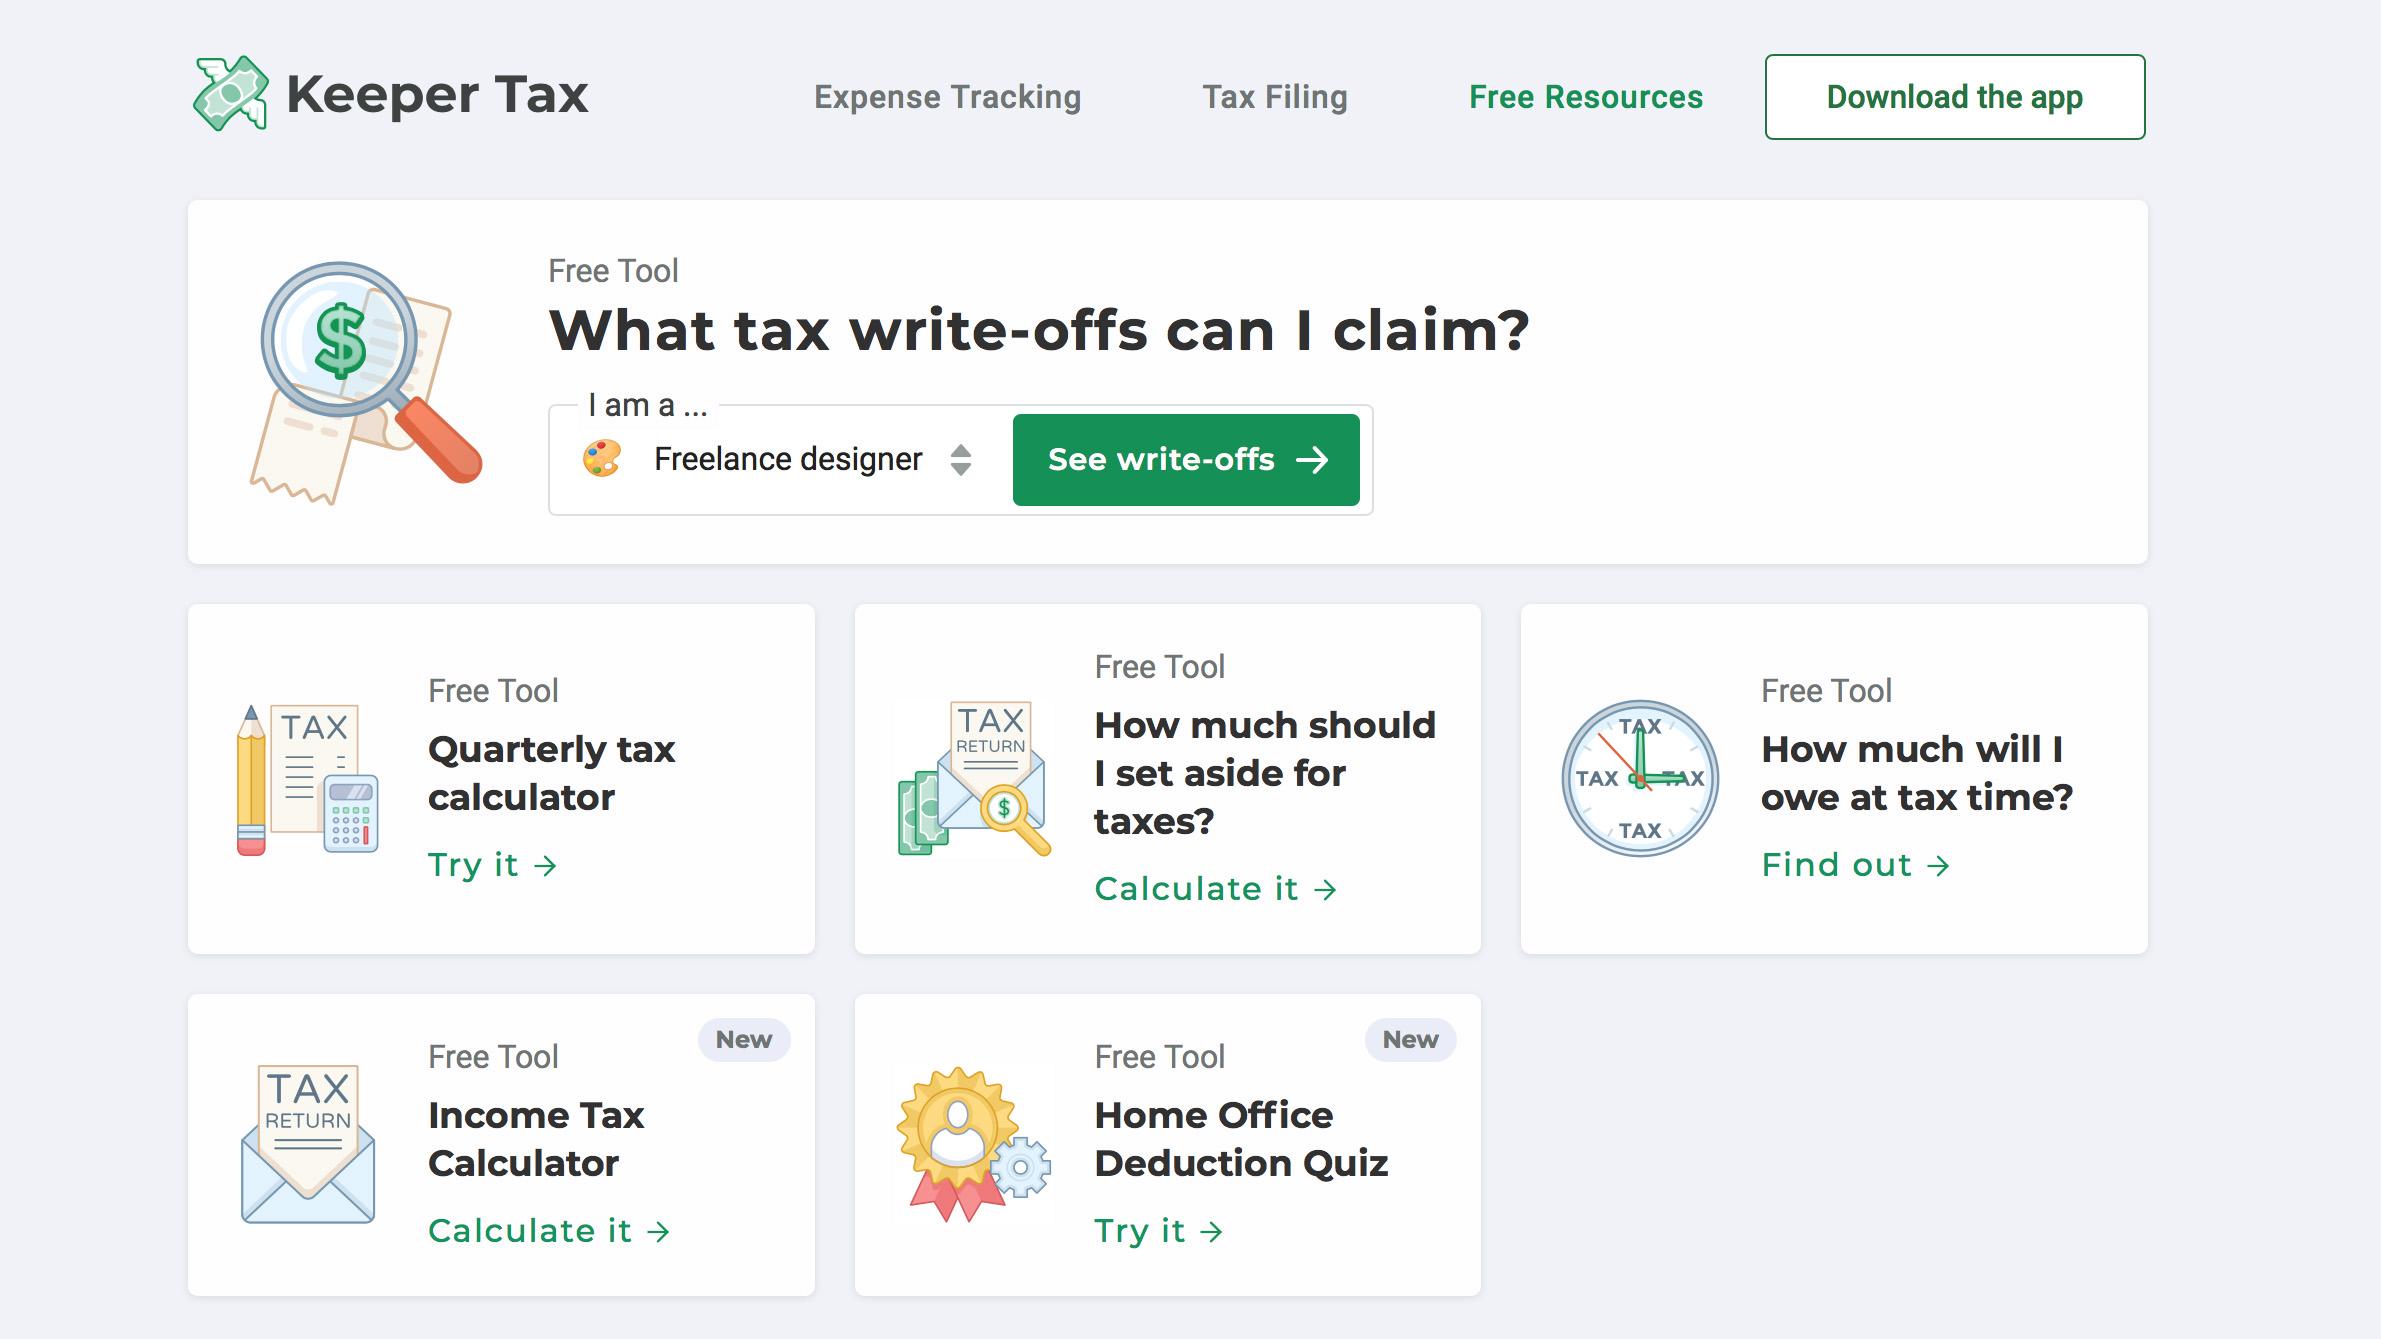 Keeper Tax